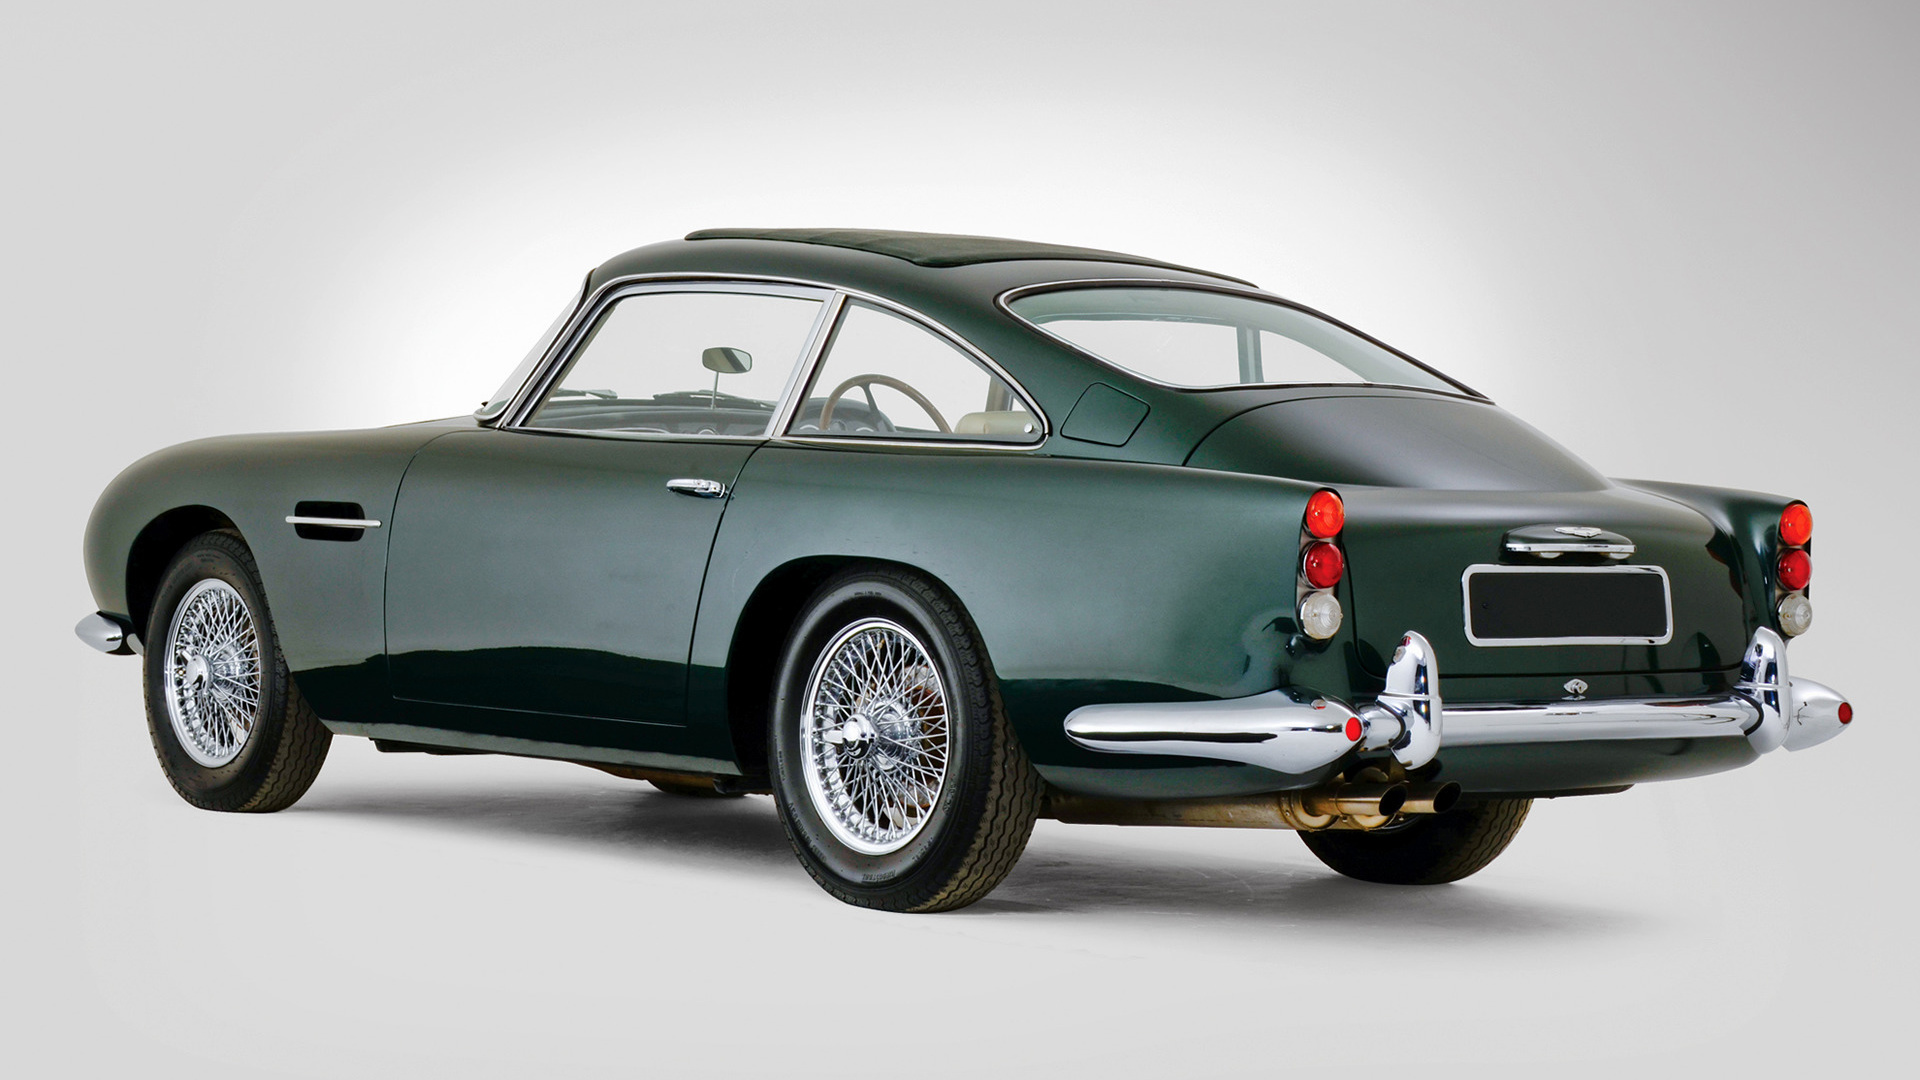 1961 Aston Martin Db4 Vantage Iv Uk Papeis De Parede E Imagens De Fundo Em Hd Car Pixel